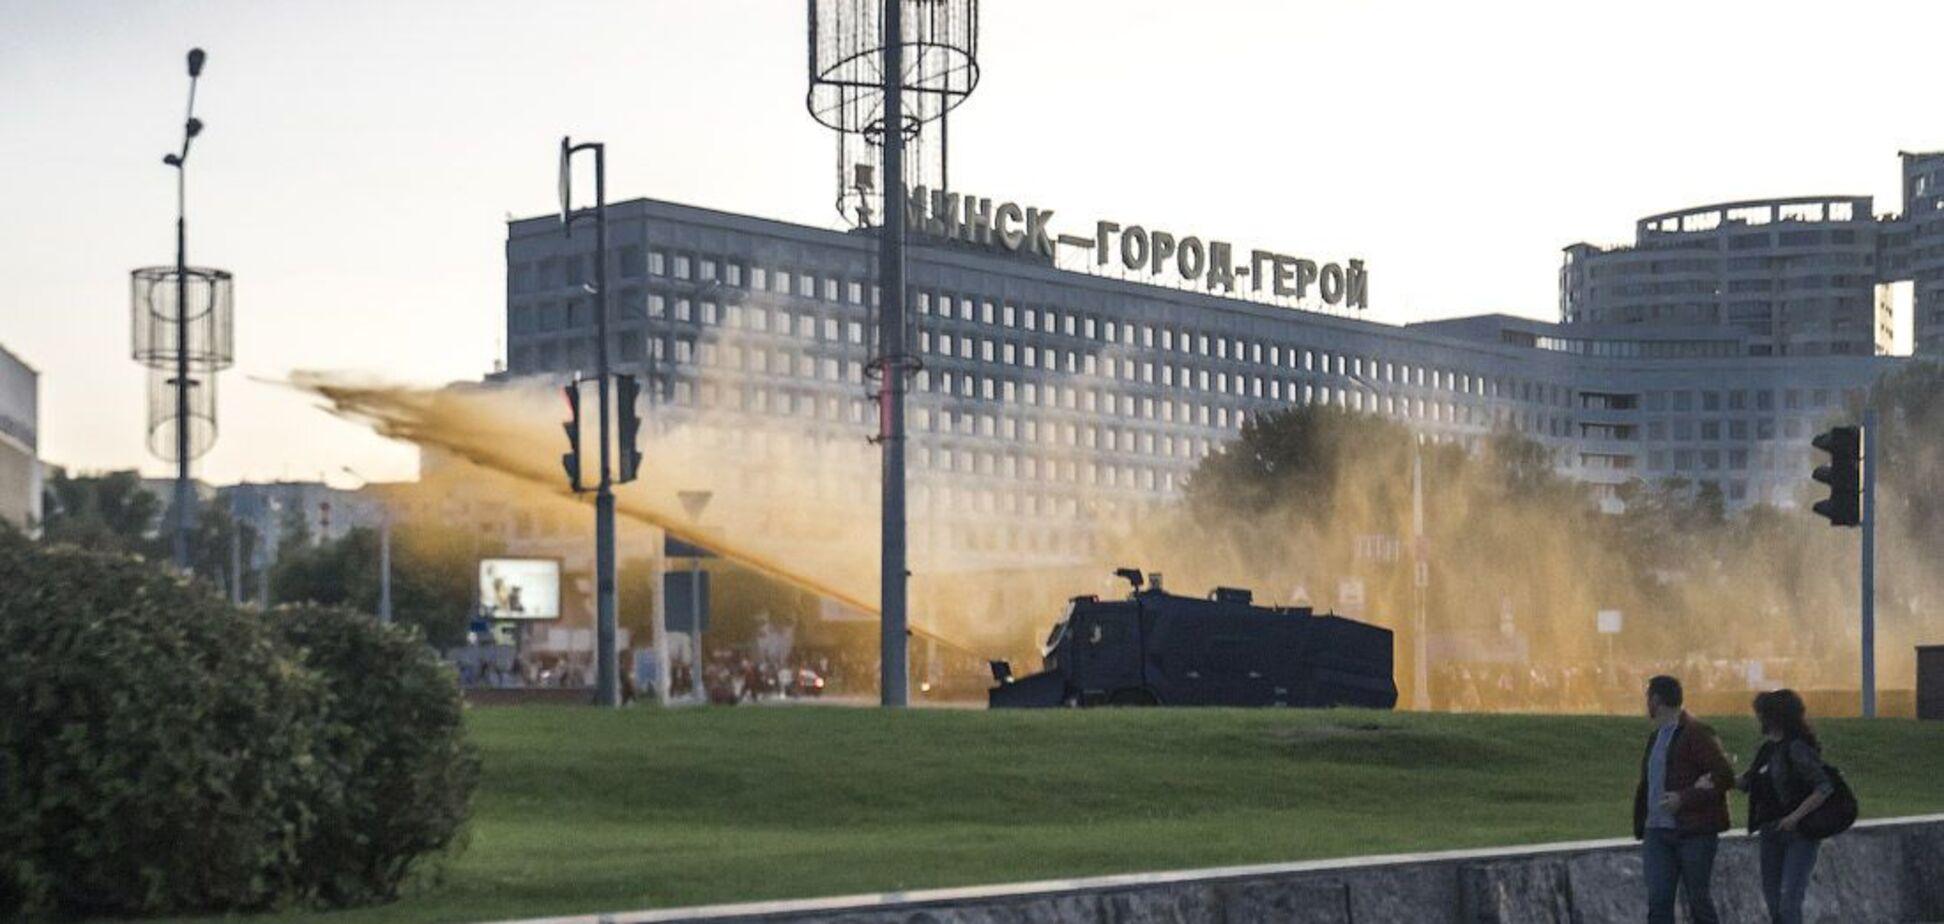 Тайная 'инаугурация' Лукашенко: людей поливали из водомета